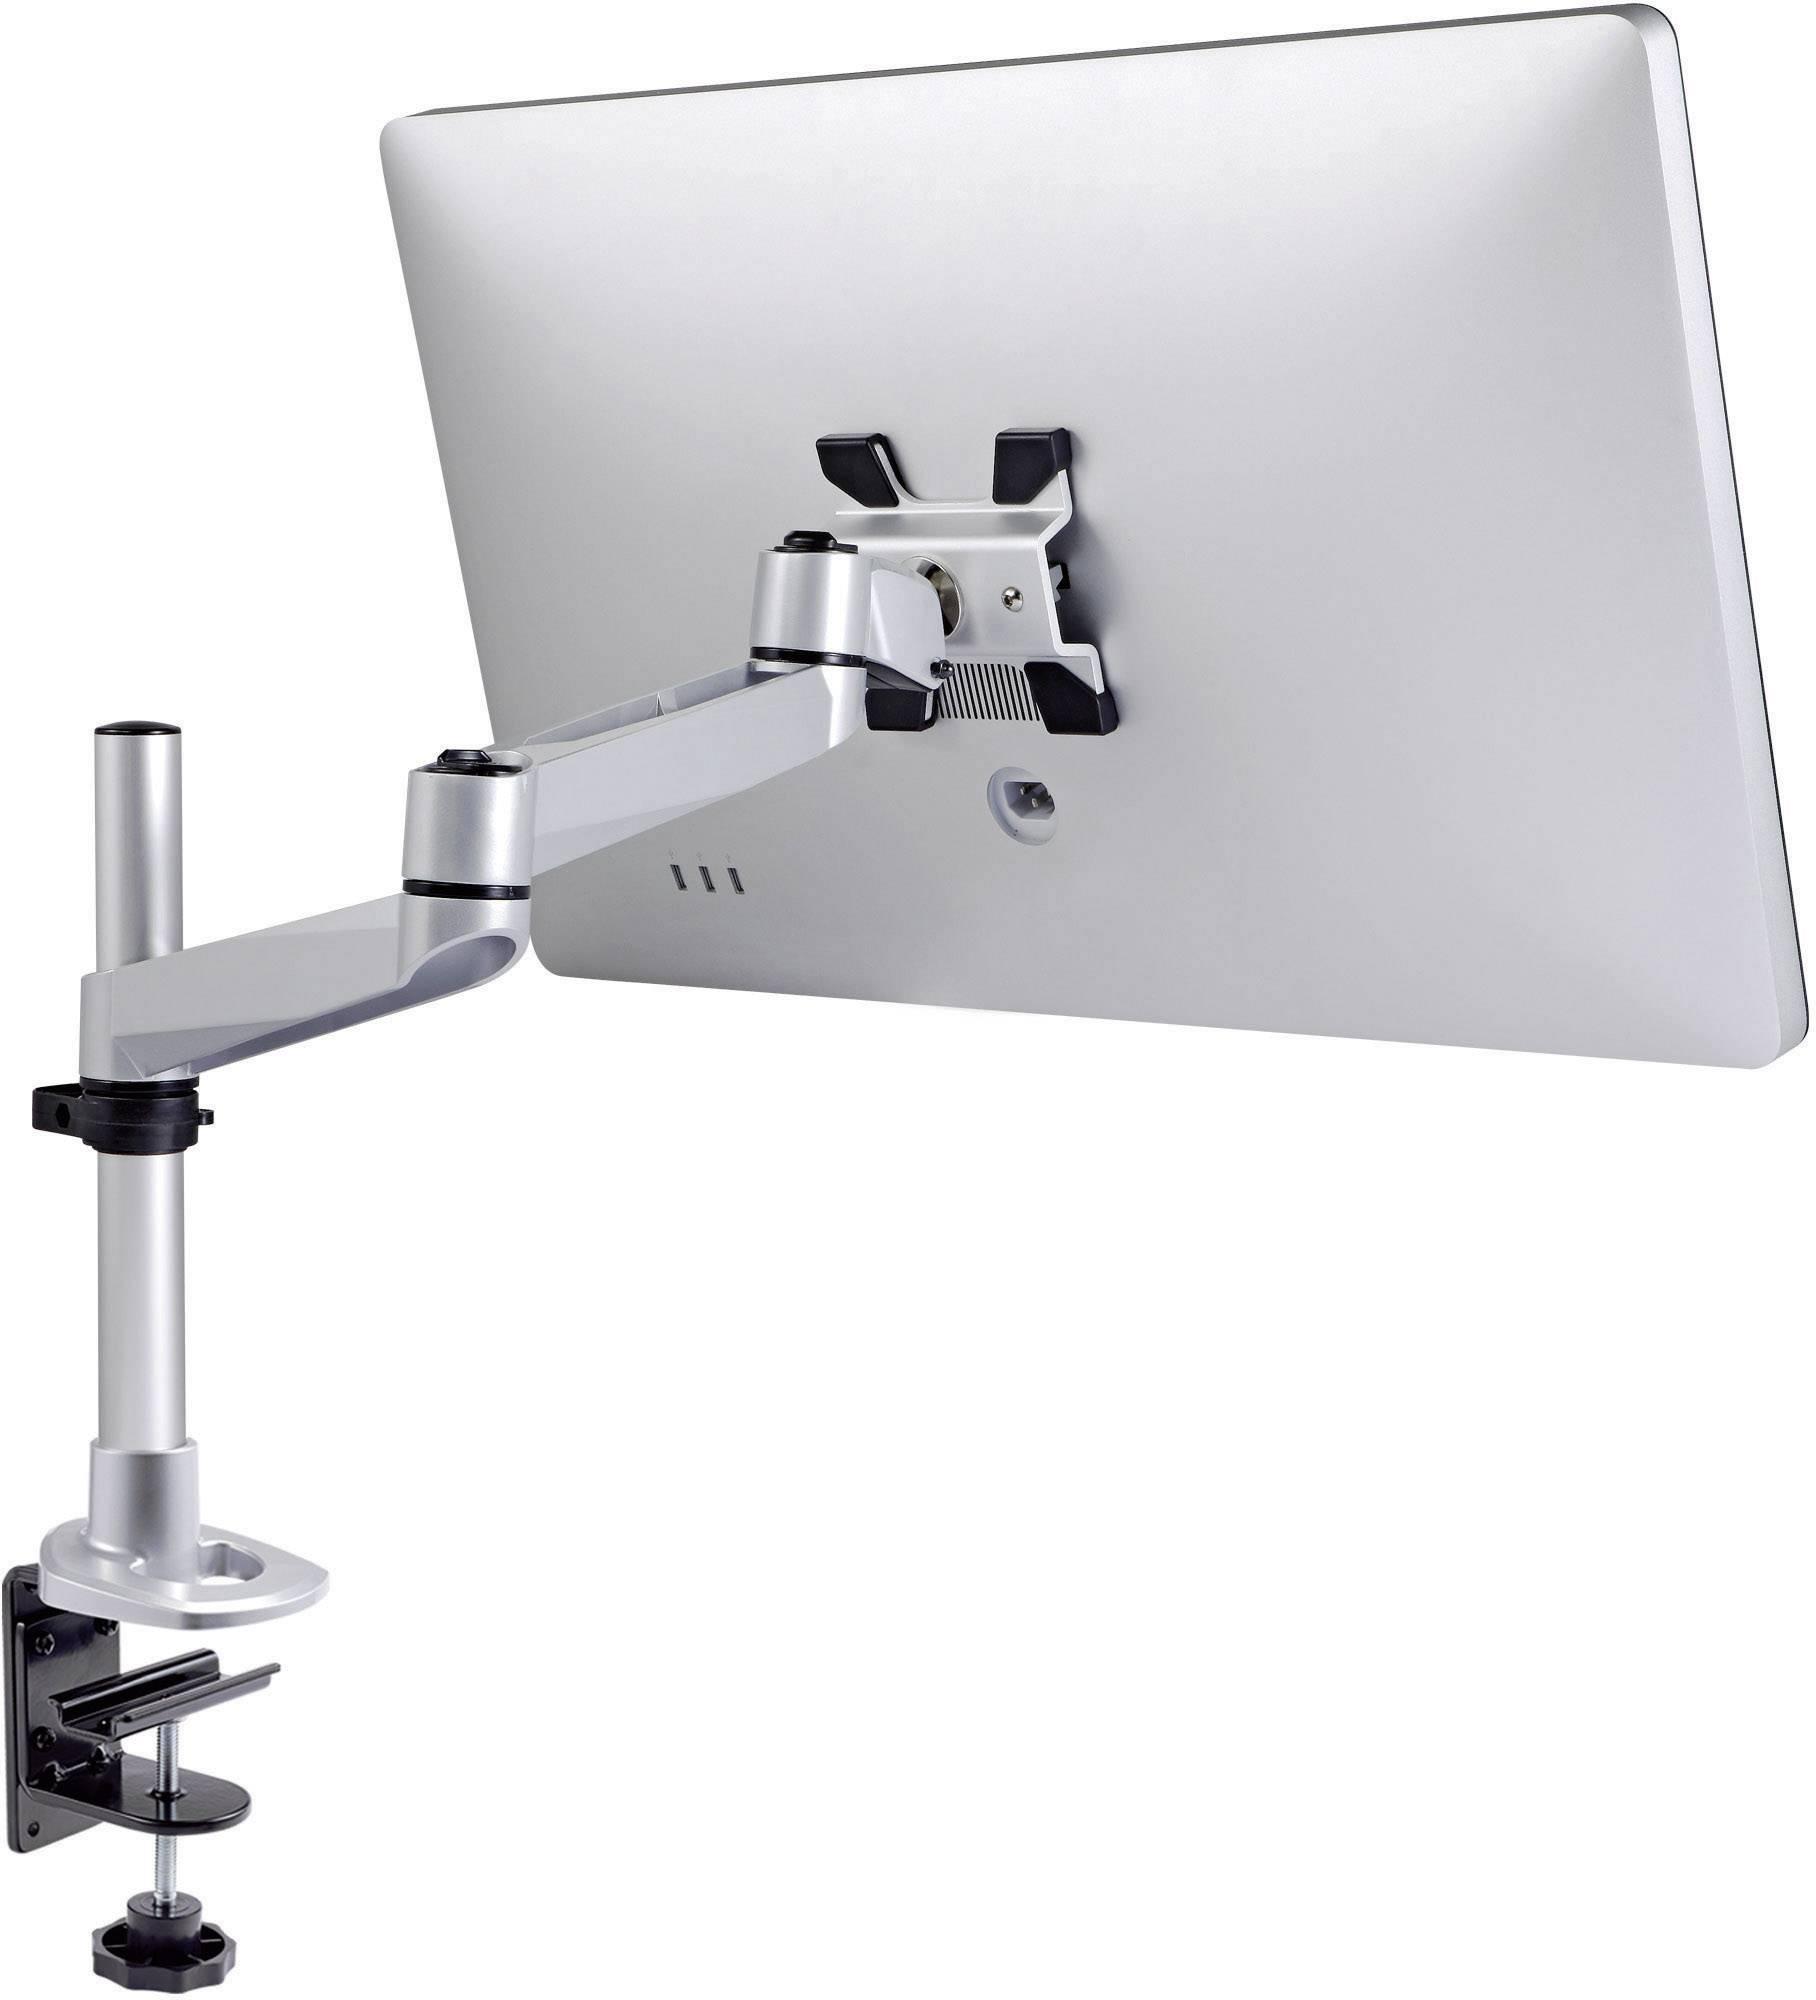 """Stolový držiak monitoru SpeaKa Professional SP-1624924, 25,4 cm (10"""") - 76,2 cm (30""""), striebornočierná"""